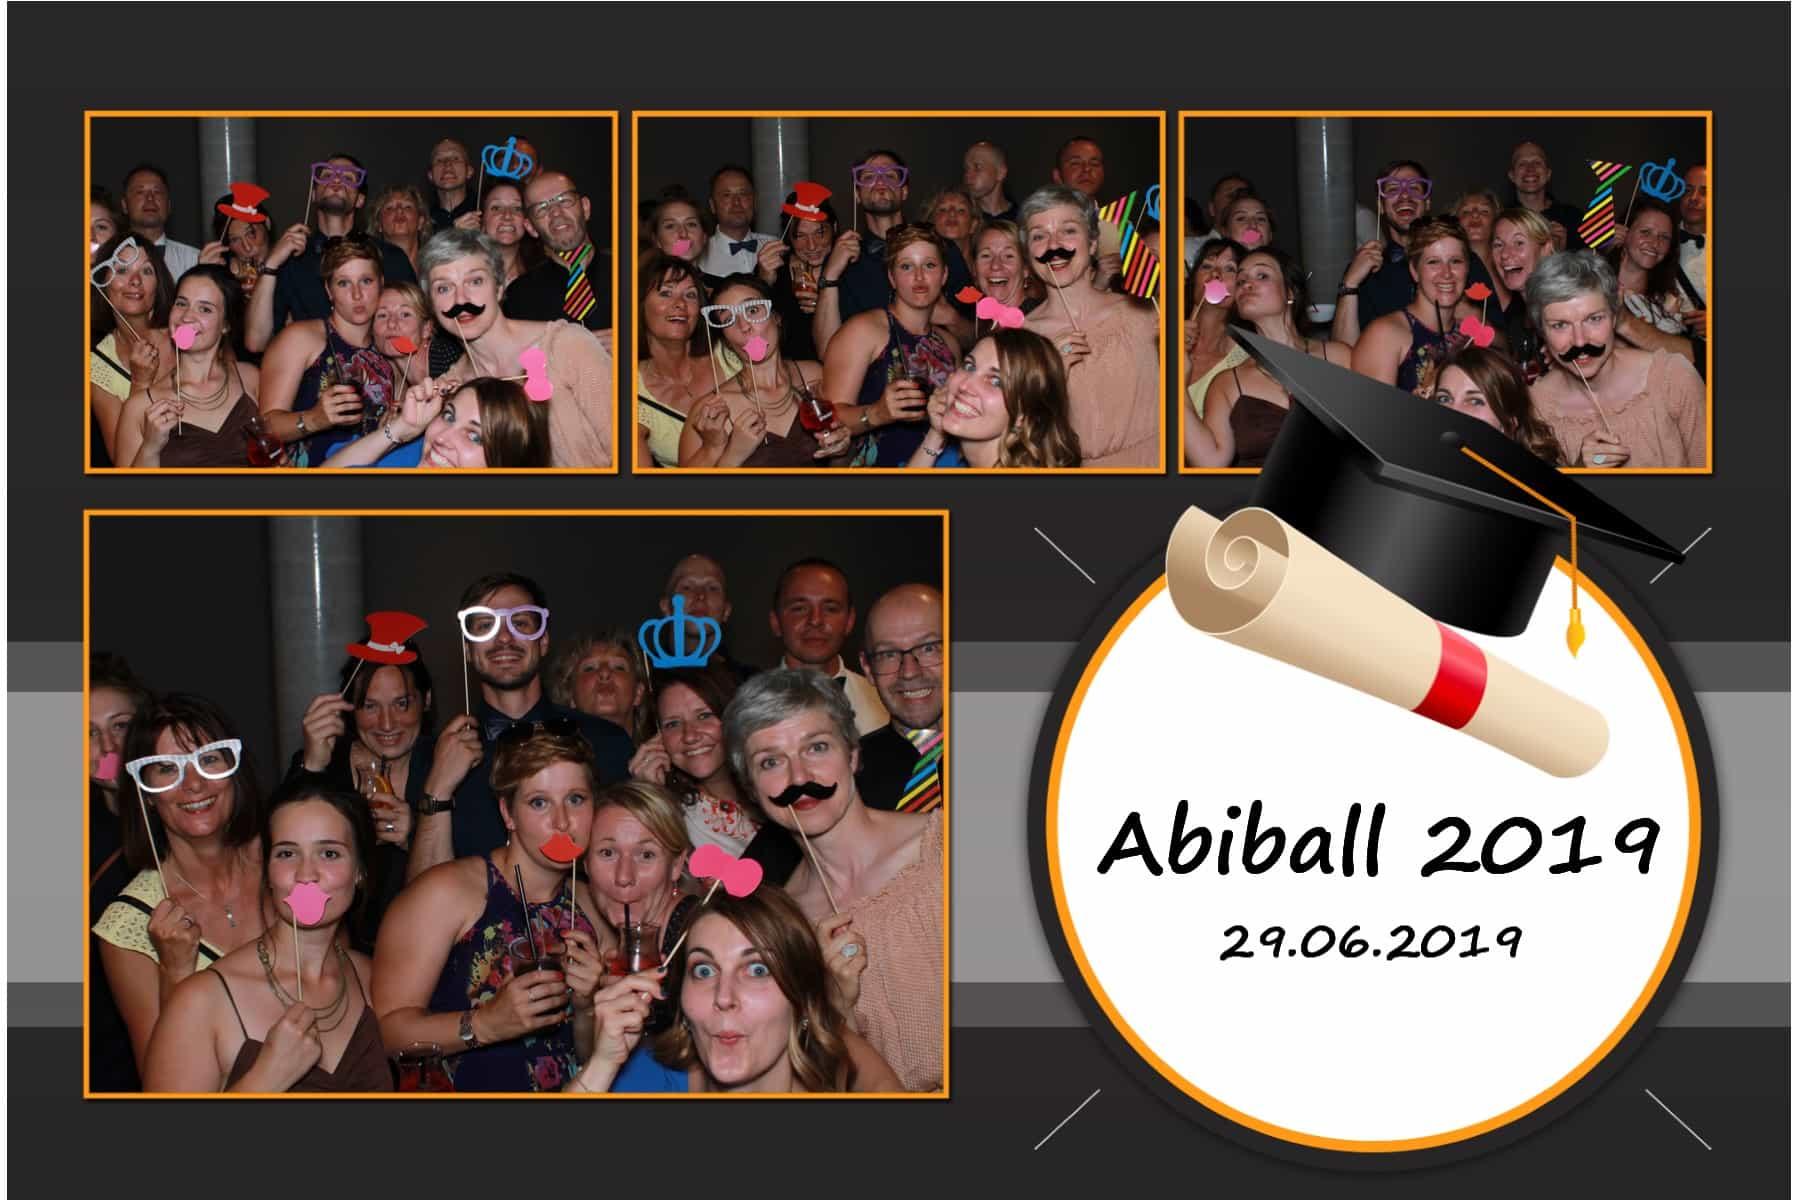 Fotobox-Vermietung Beispielfoto Abiball